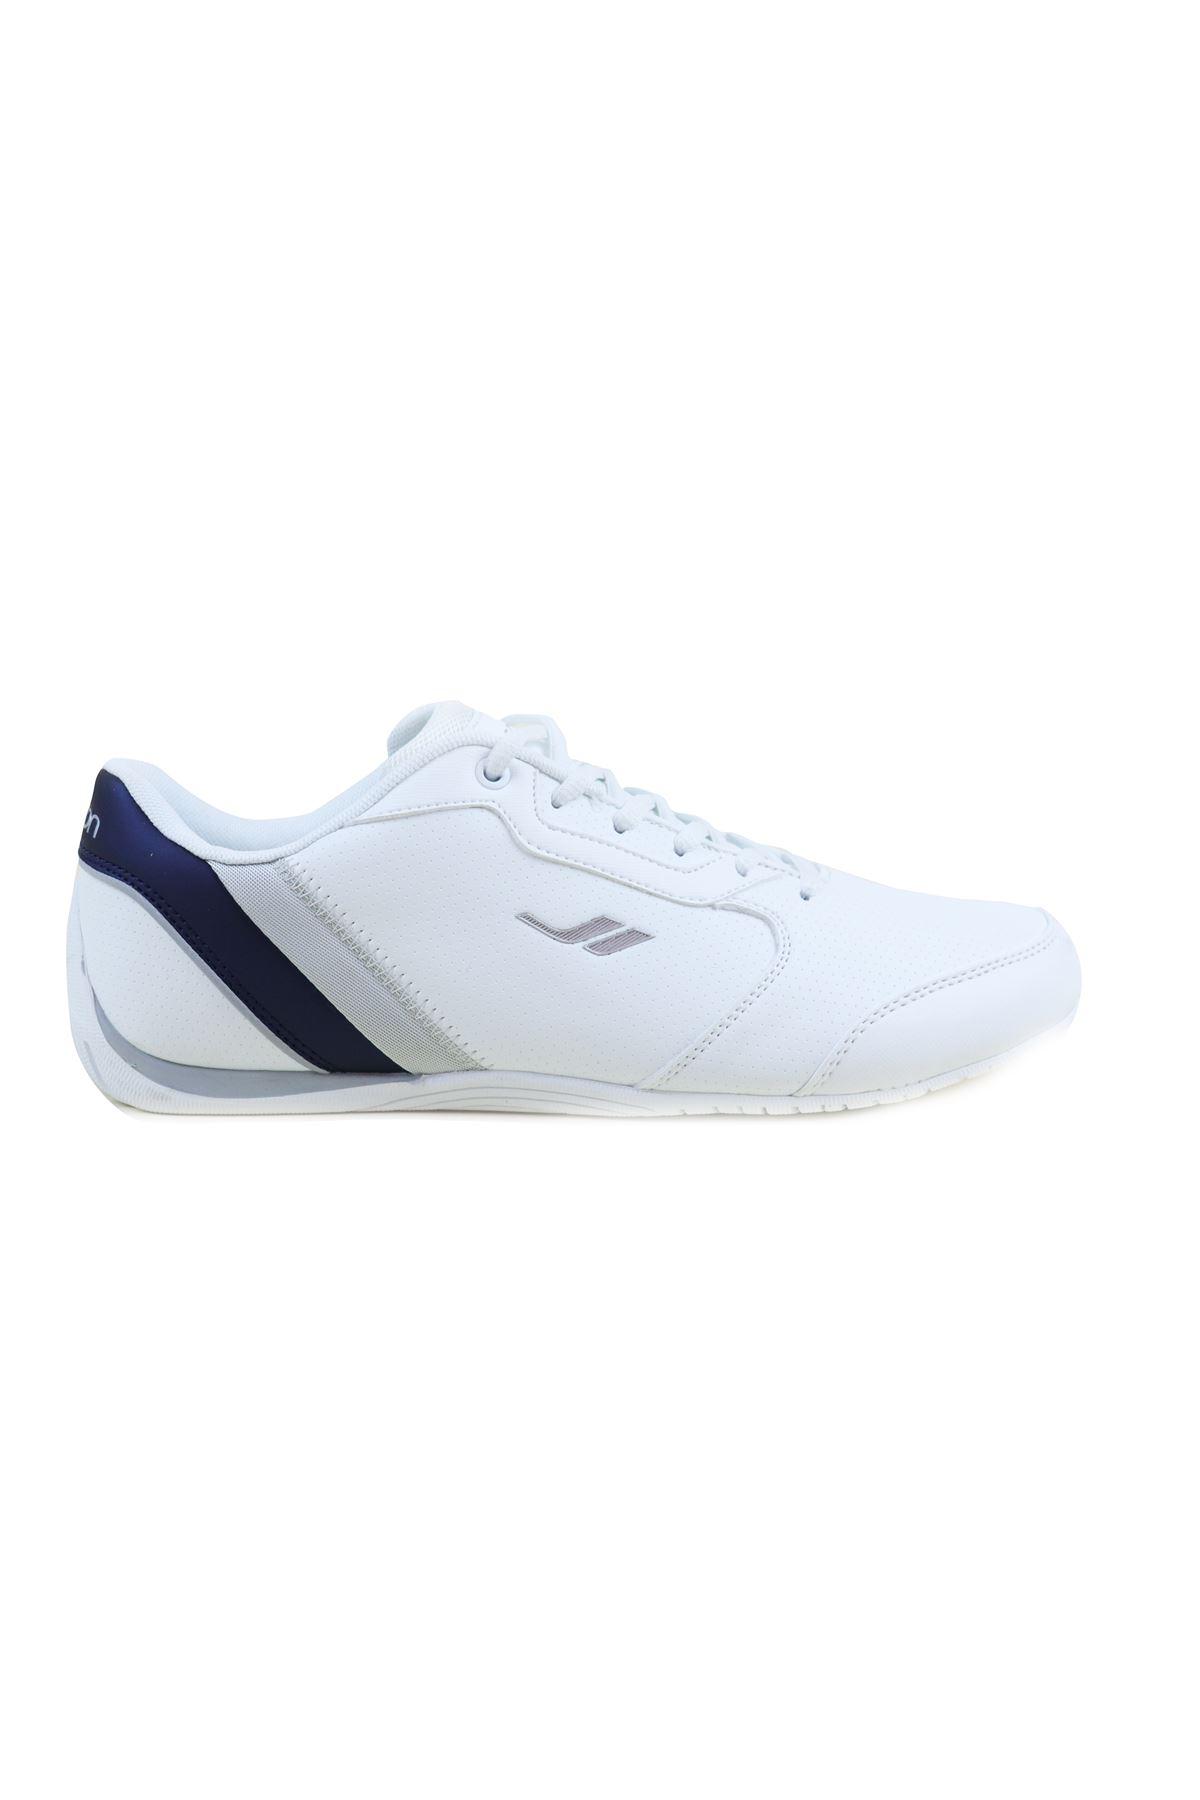 Lescon Journey-2 Sneakers Erkek Spor Aykkabısı